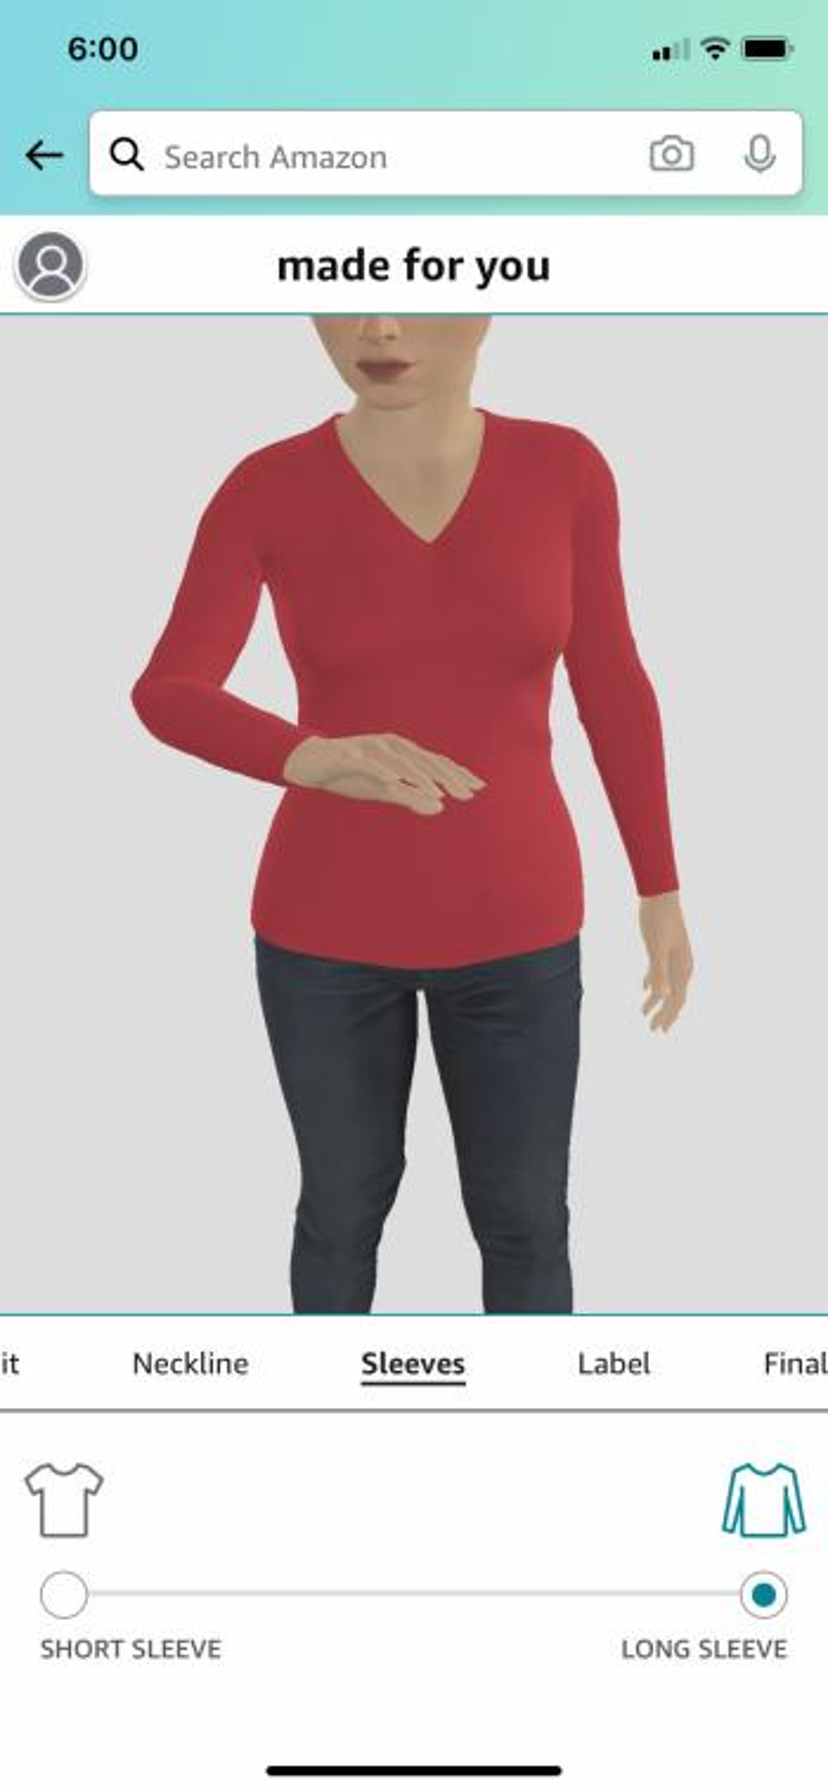 تصویر آمازون ساخته شده برای شما که بدن مجازی دو نفره زن را با یک تی شرت آستین بلند قرمز نشان می دهد